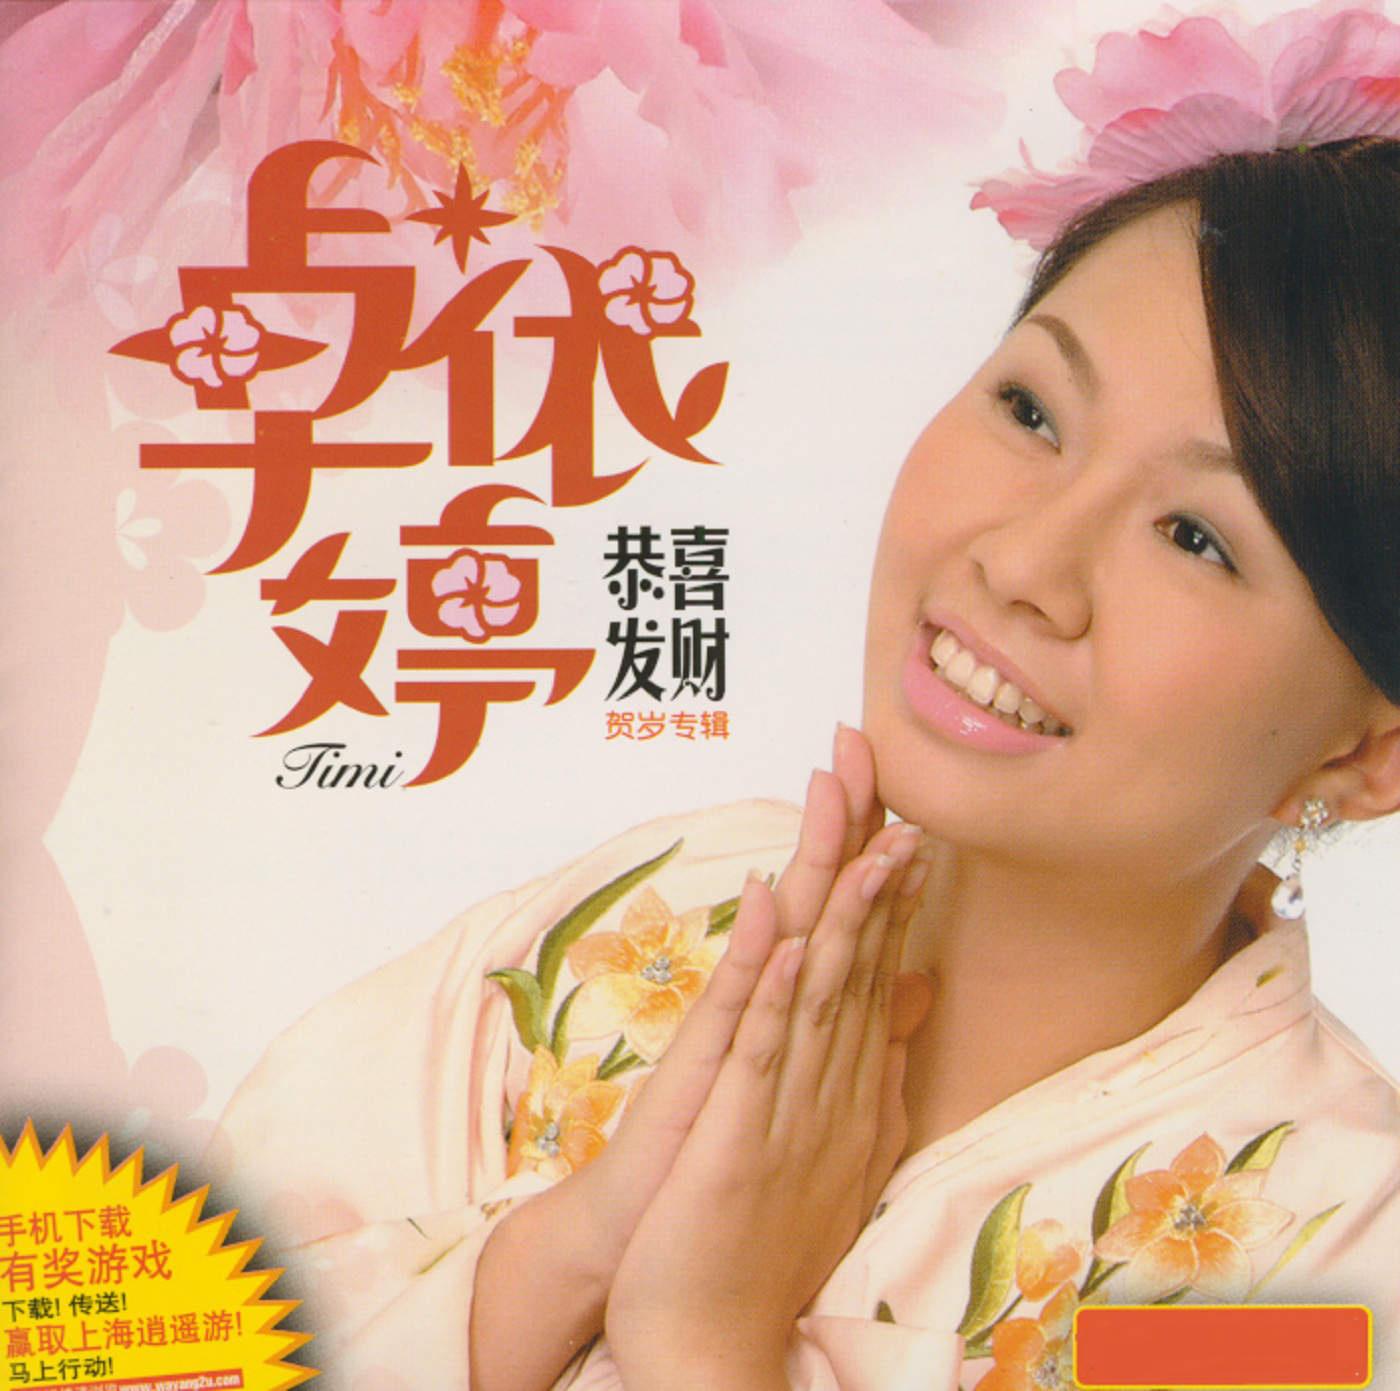 《恭喜发财》是卓依婷2000年演唱的一首贺岁歌曲,歌曲简单易唱,旋律